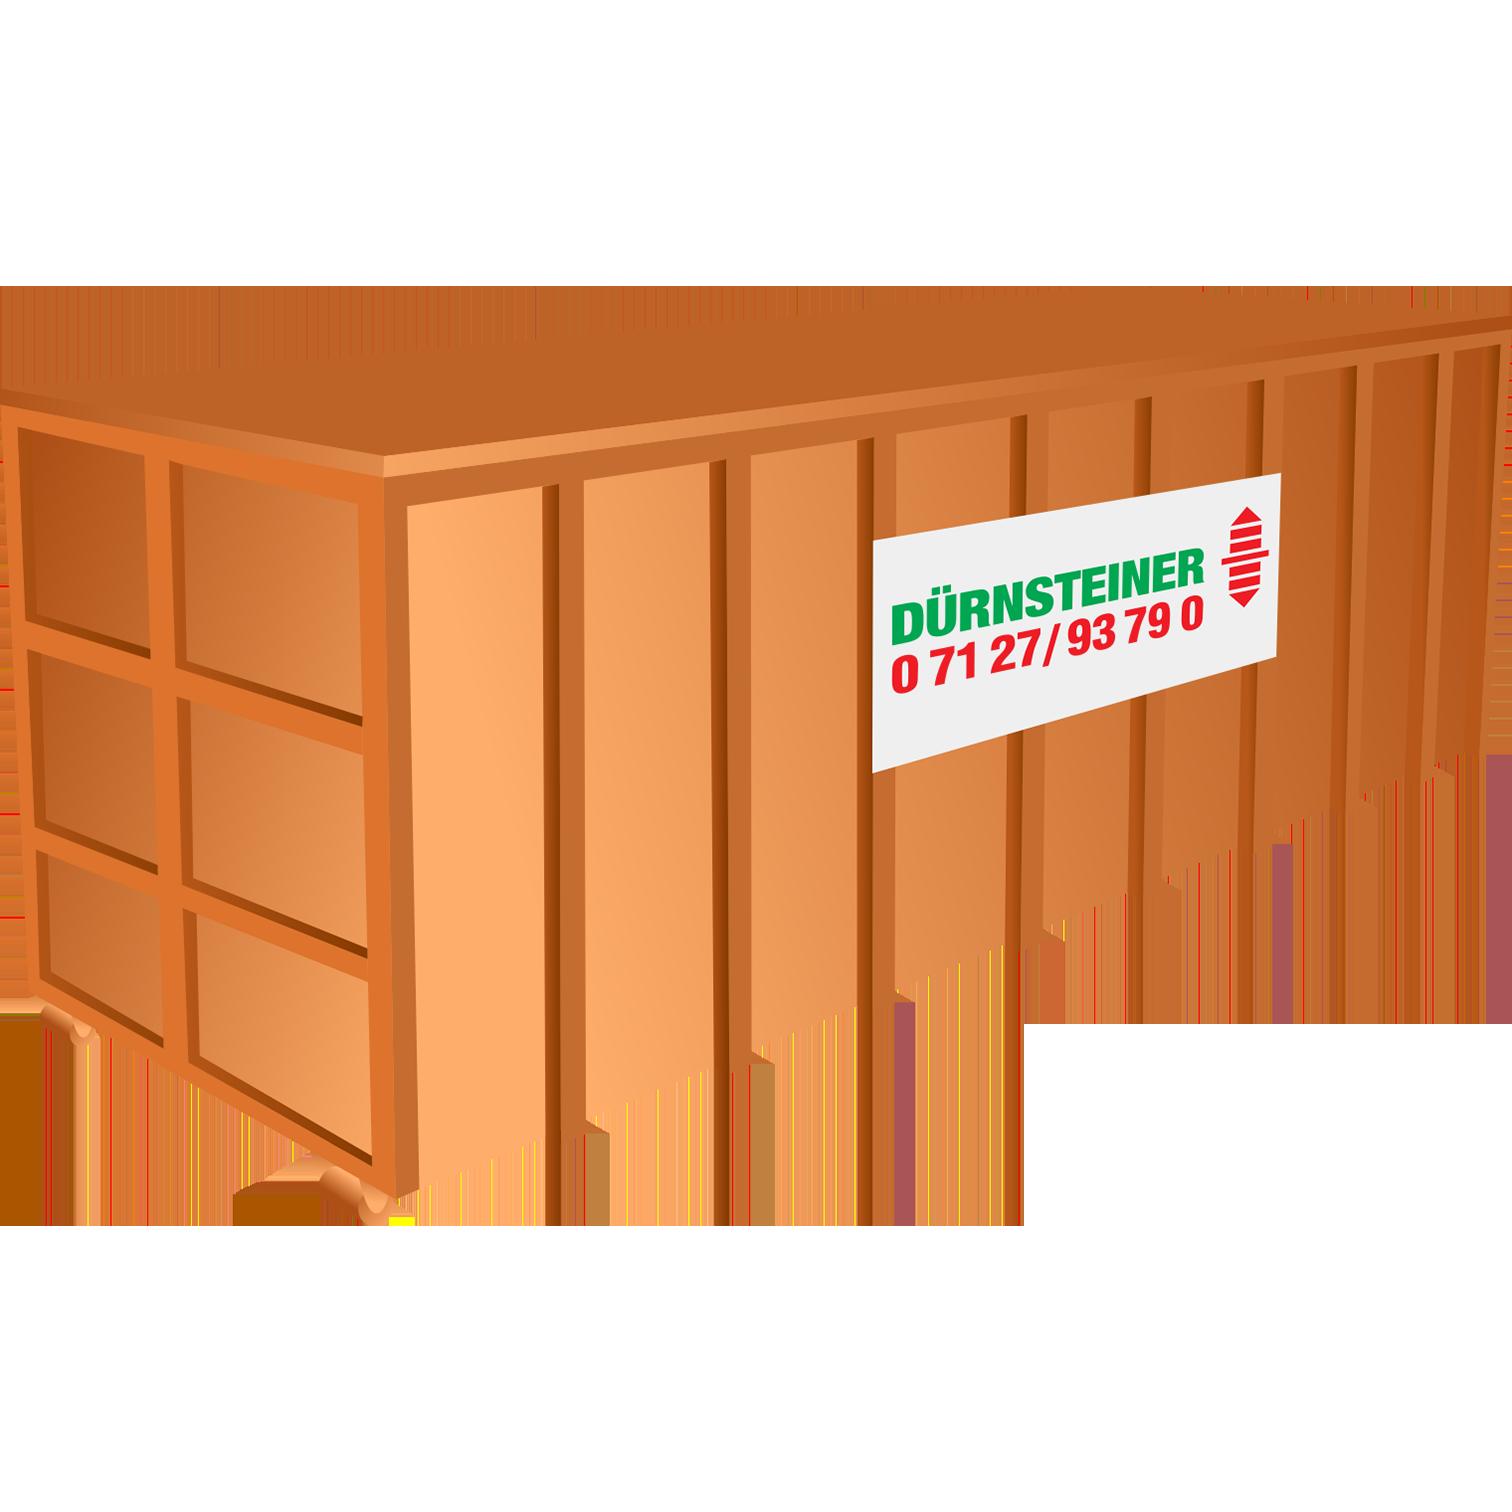 8_abrollcontainer-36cbm-deckel-duernsteiner